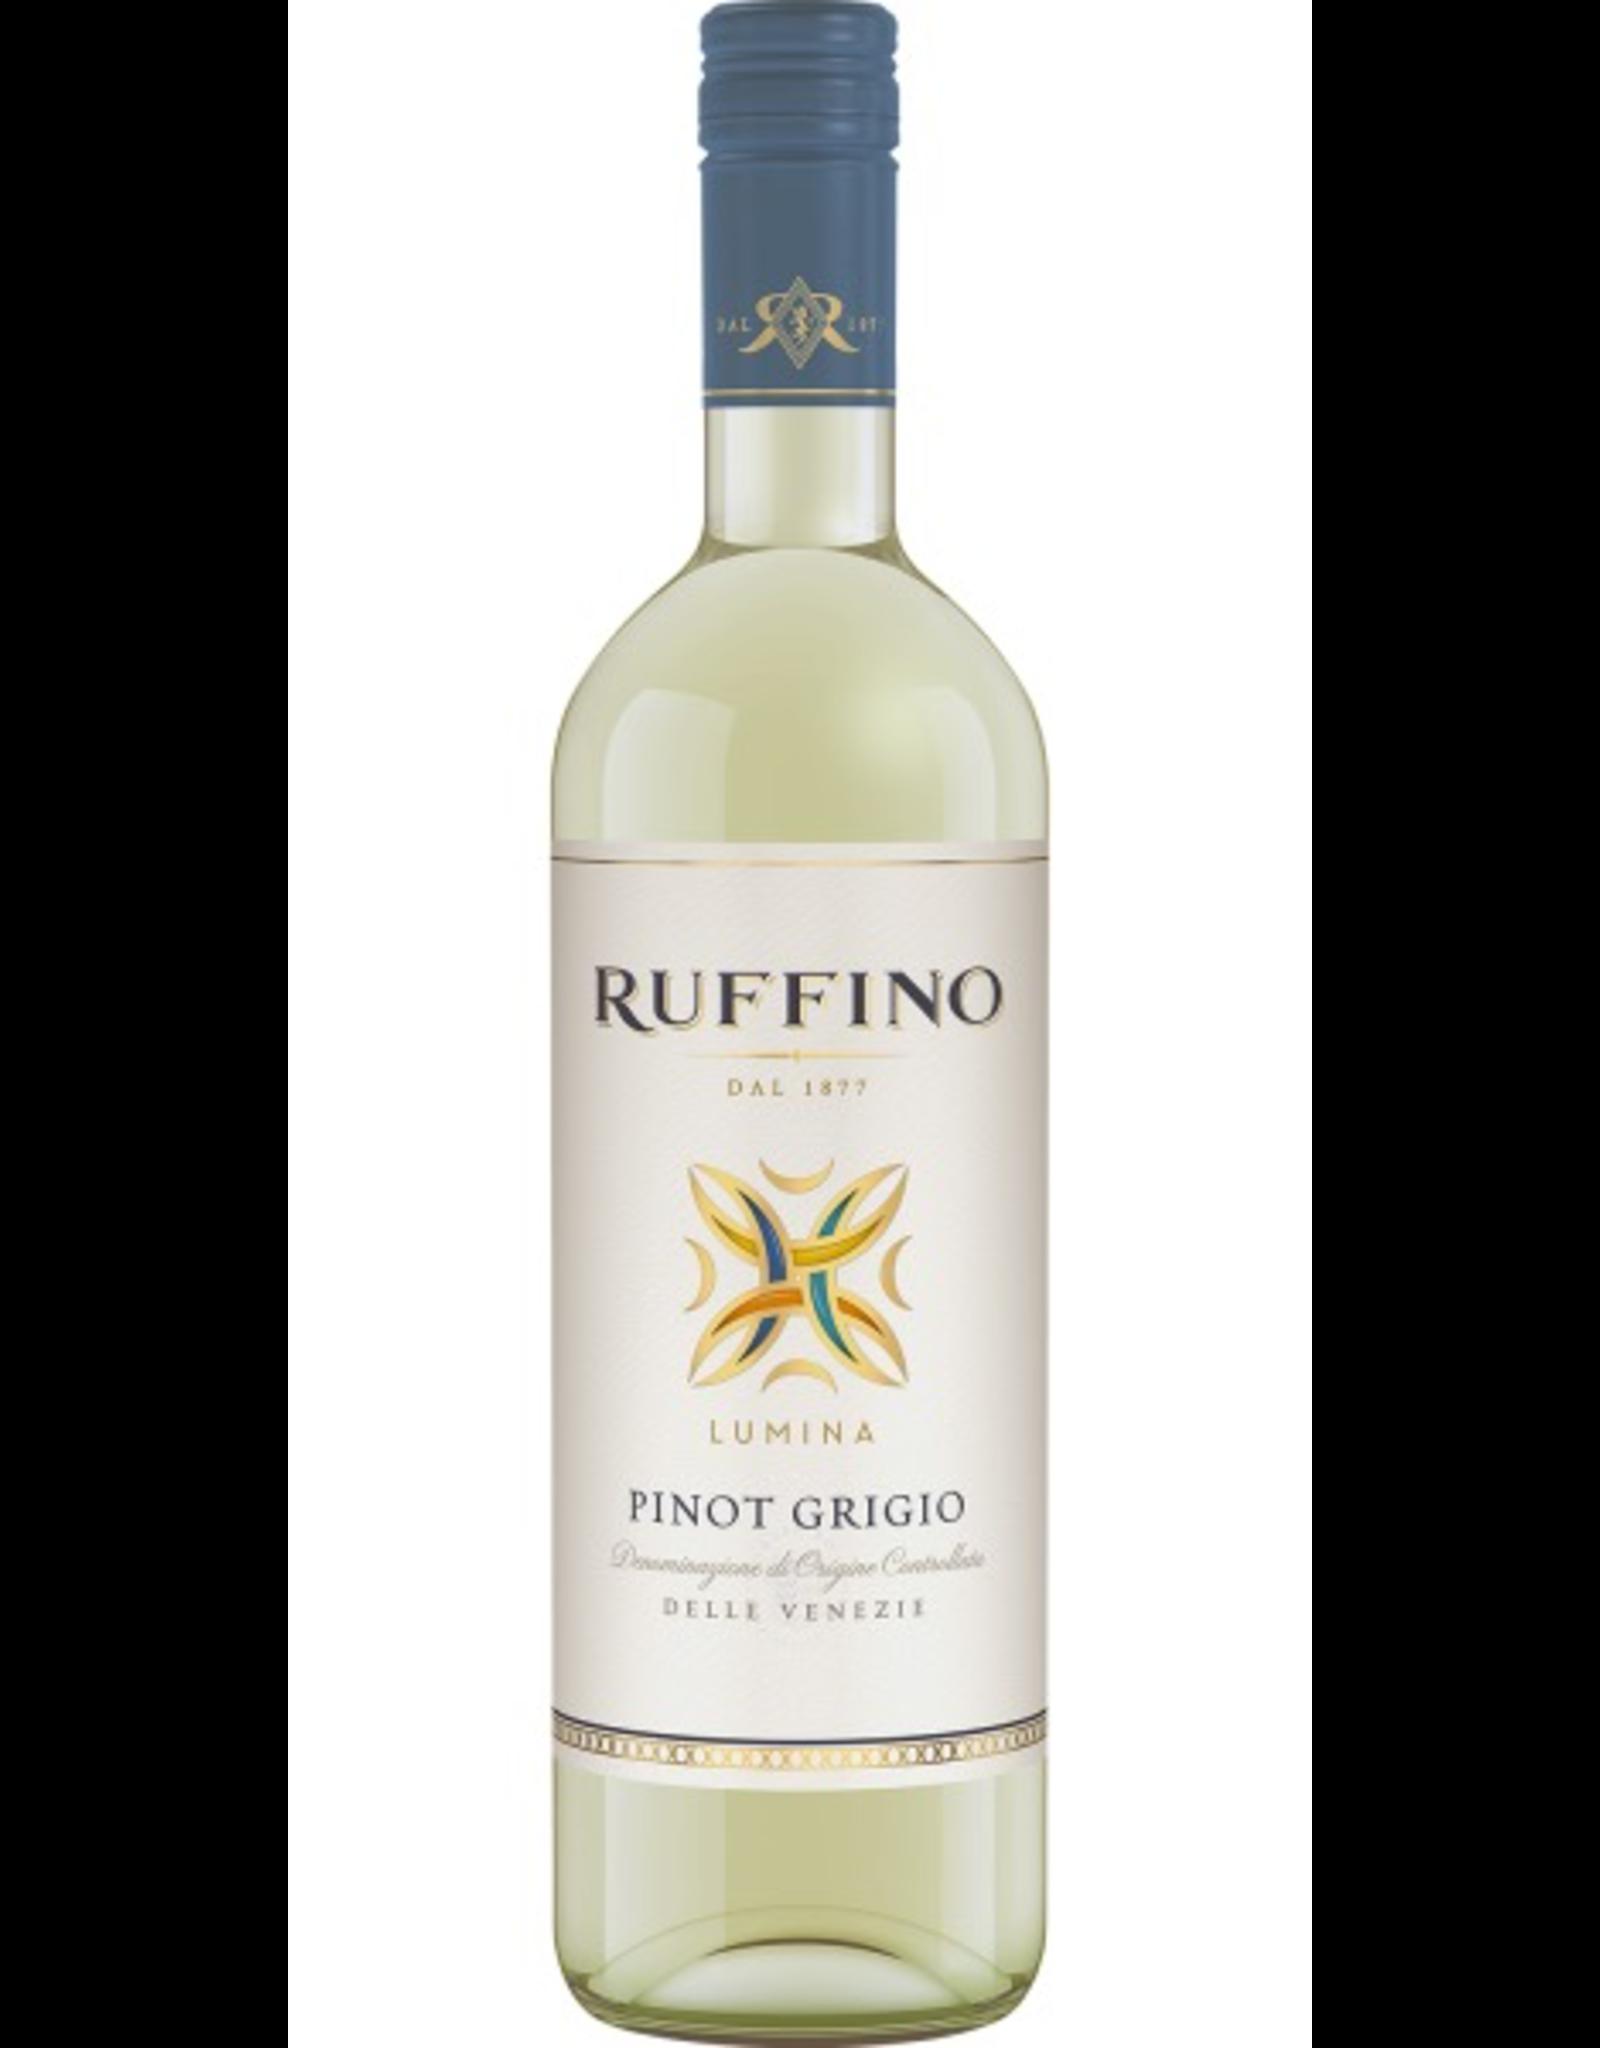 White Wine 2018, Ruffino Lumina, Pinot Grigio, Delle Venezie, Italy, 12% Alc, CTnr, TW88